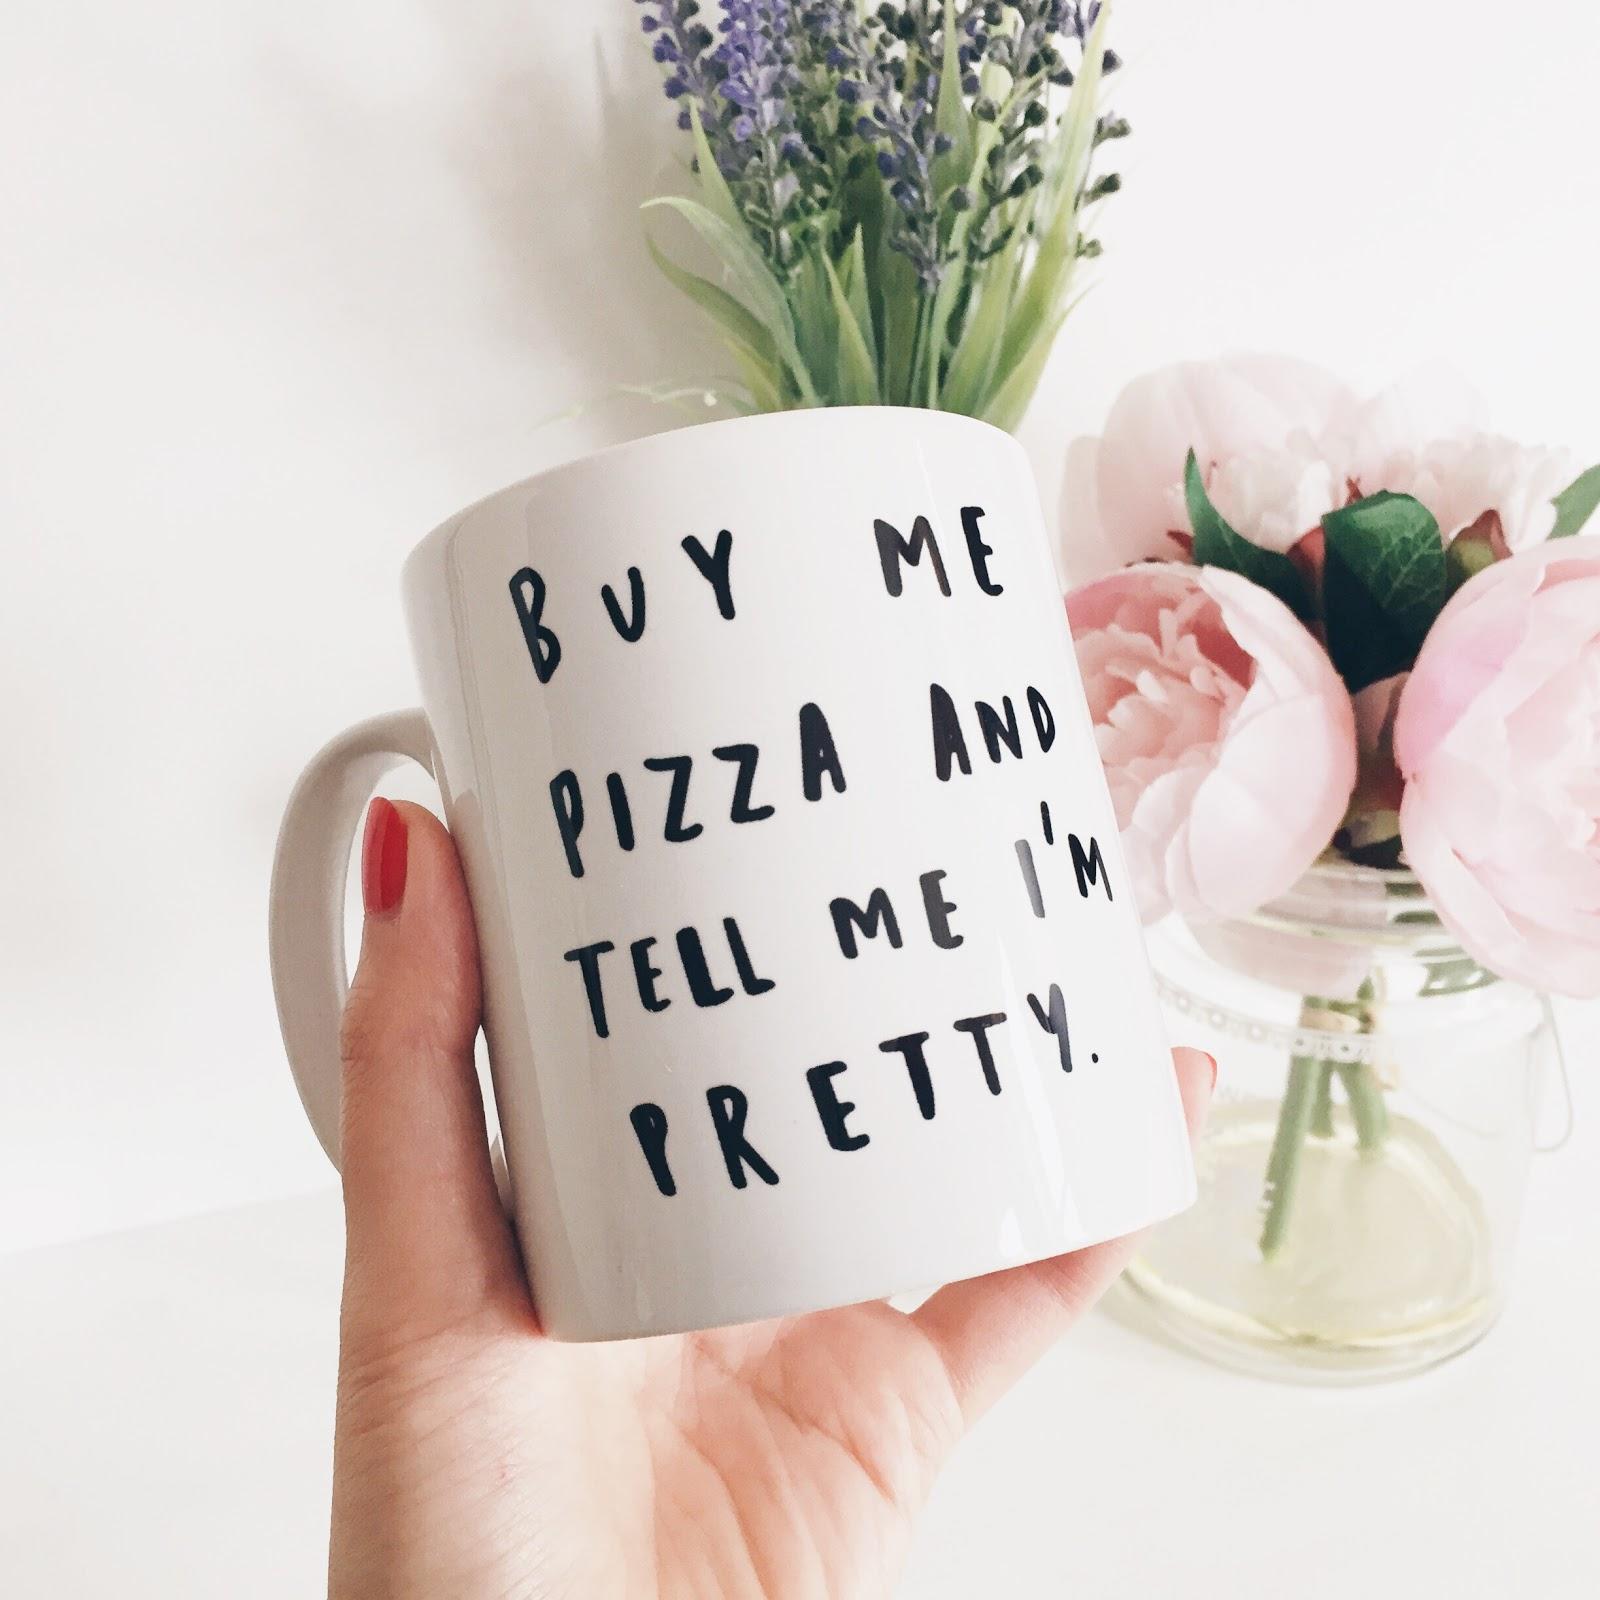 etsy mug, buy me pizza and tell me i'm pretty